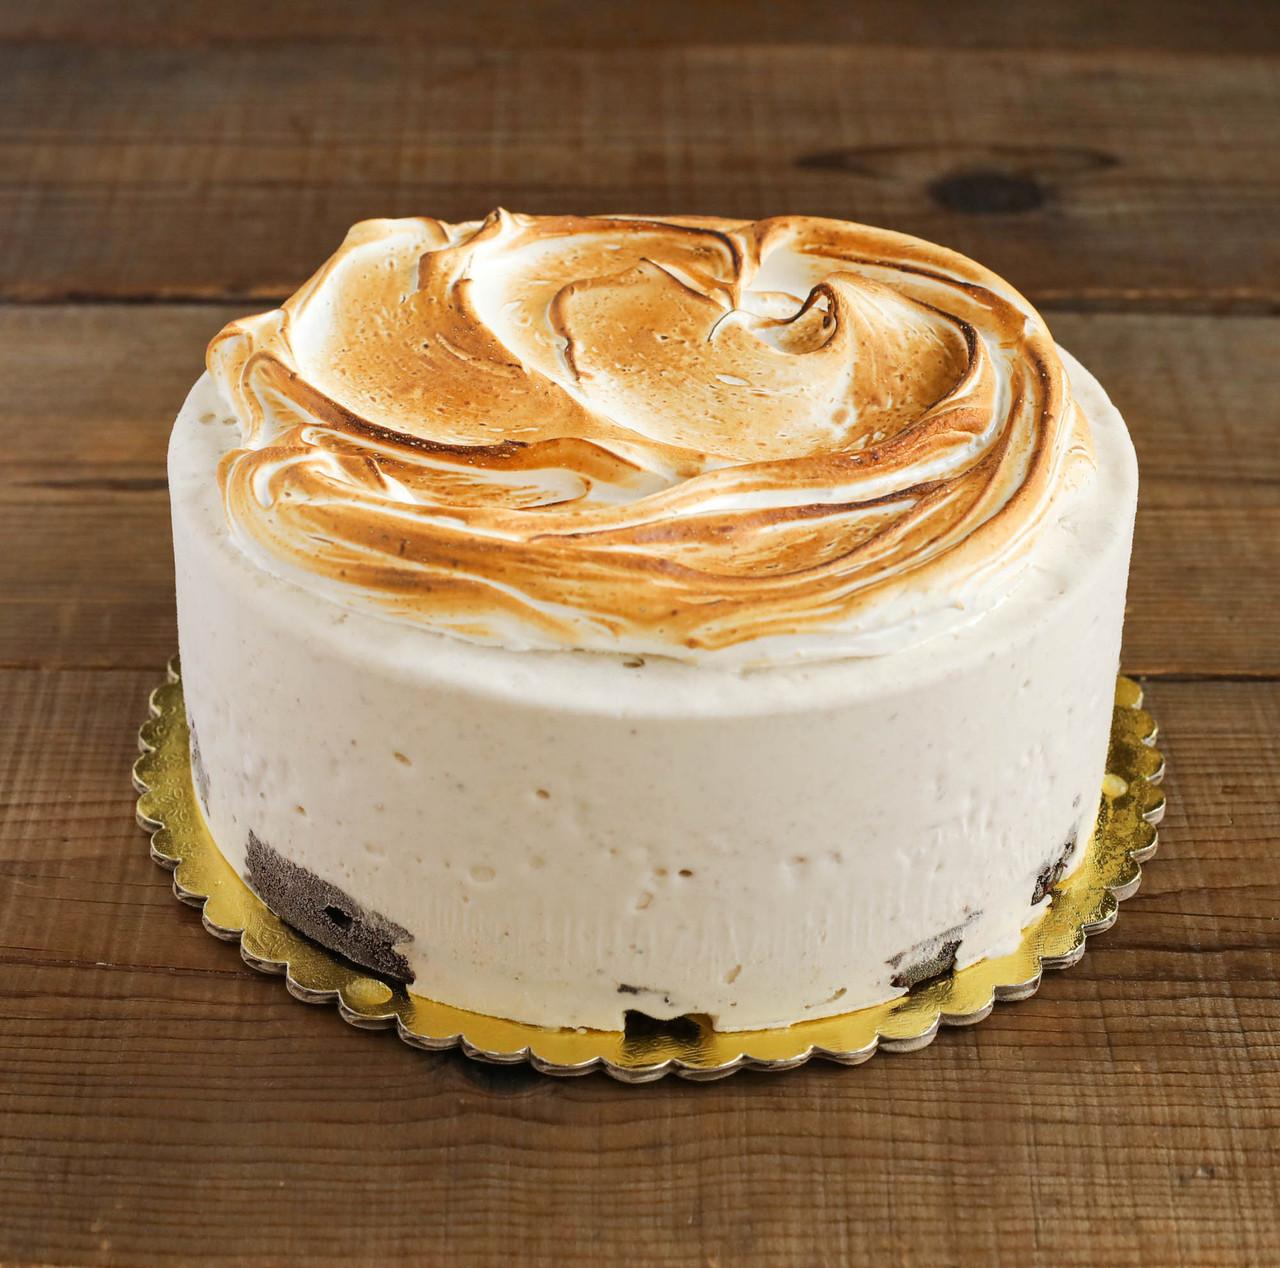 Bi Rite Creamery Banana Ice Cream Cake Catering Jpg 1280x1268